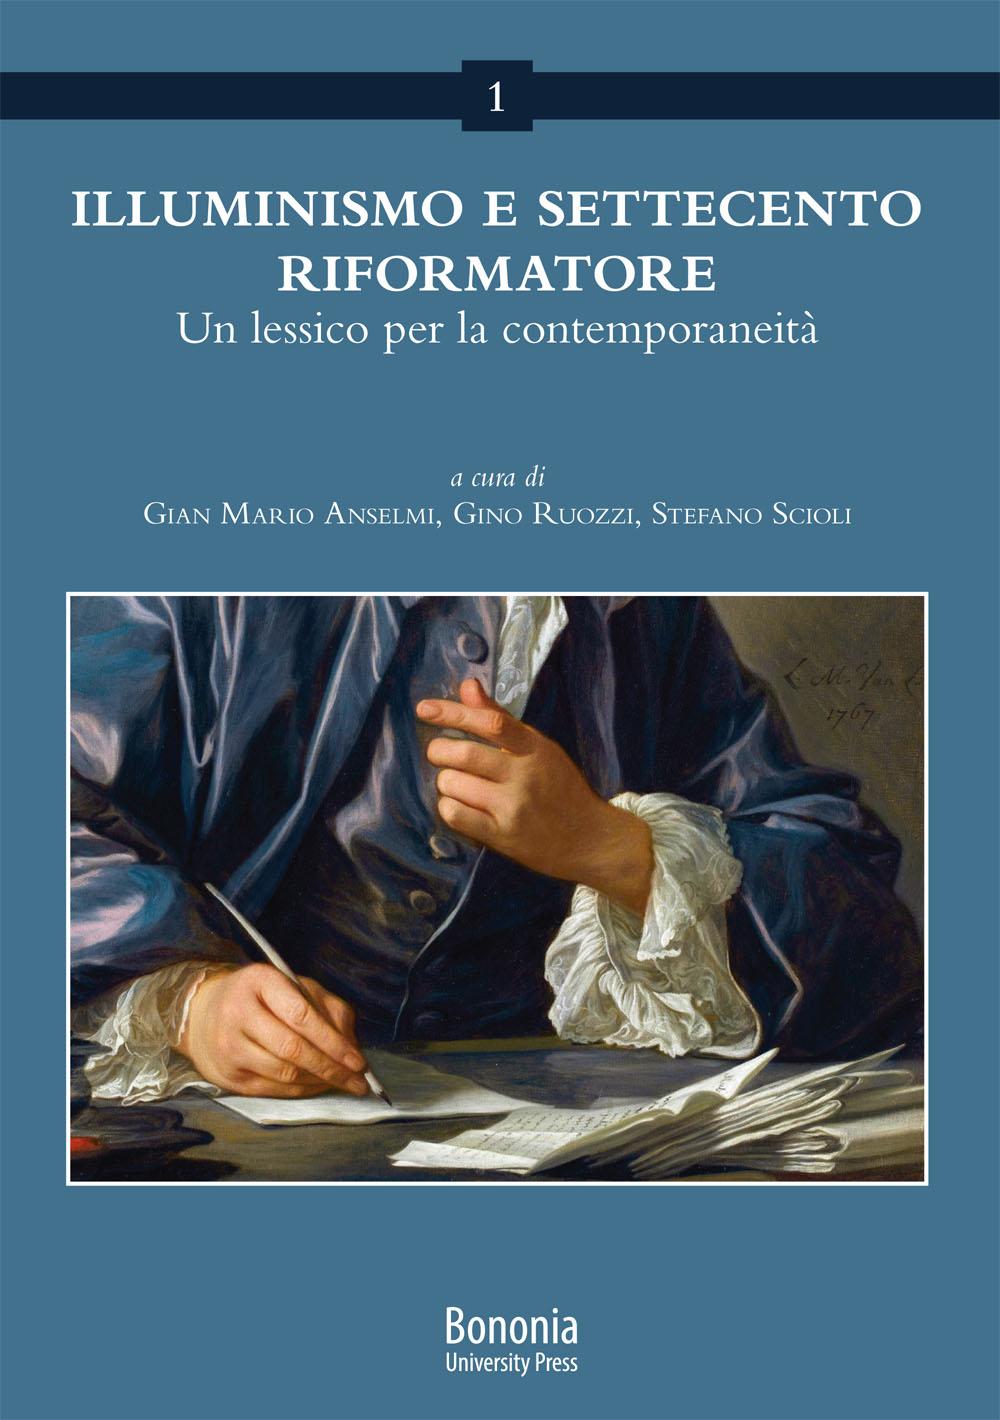 Illuminismo e Settecento riformatore - Bononia University Press